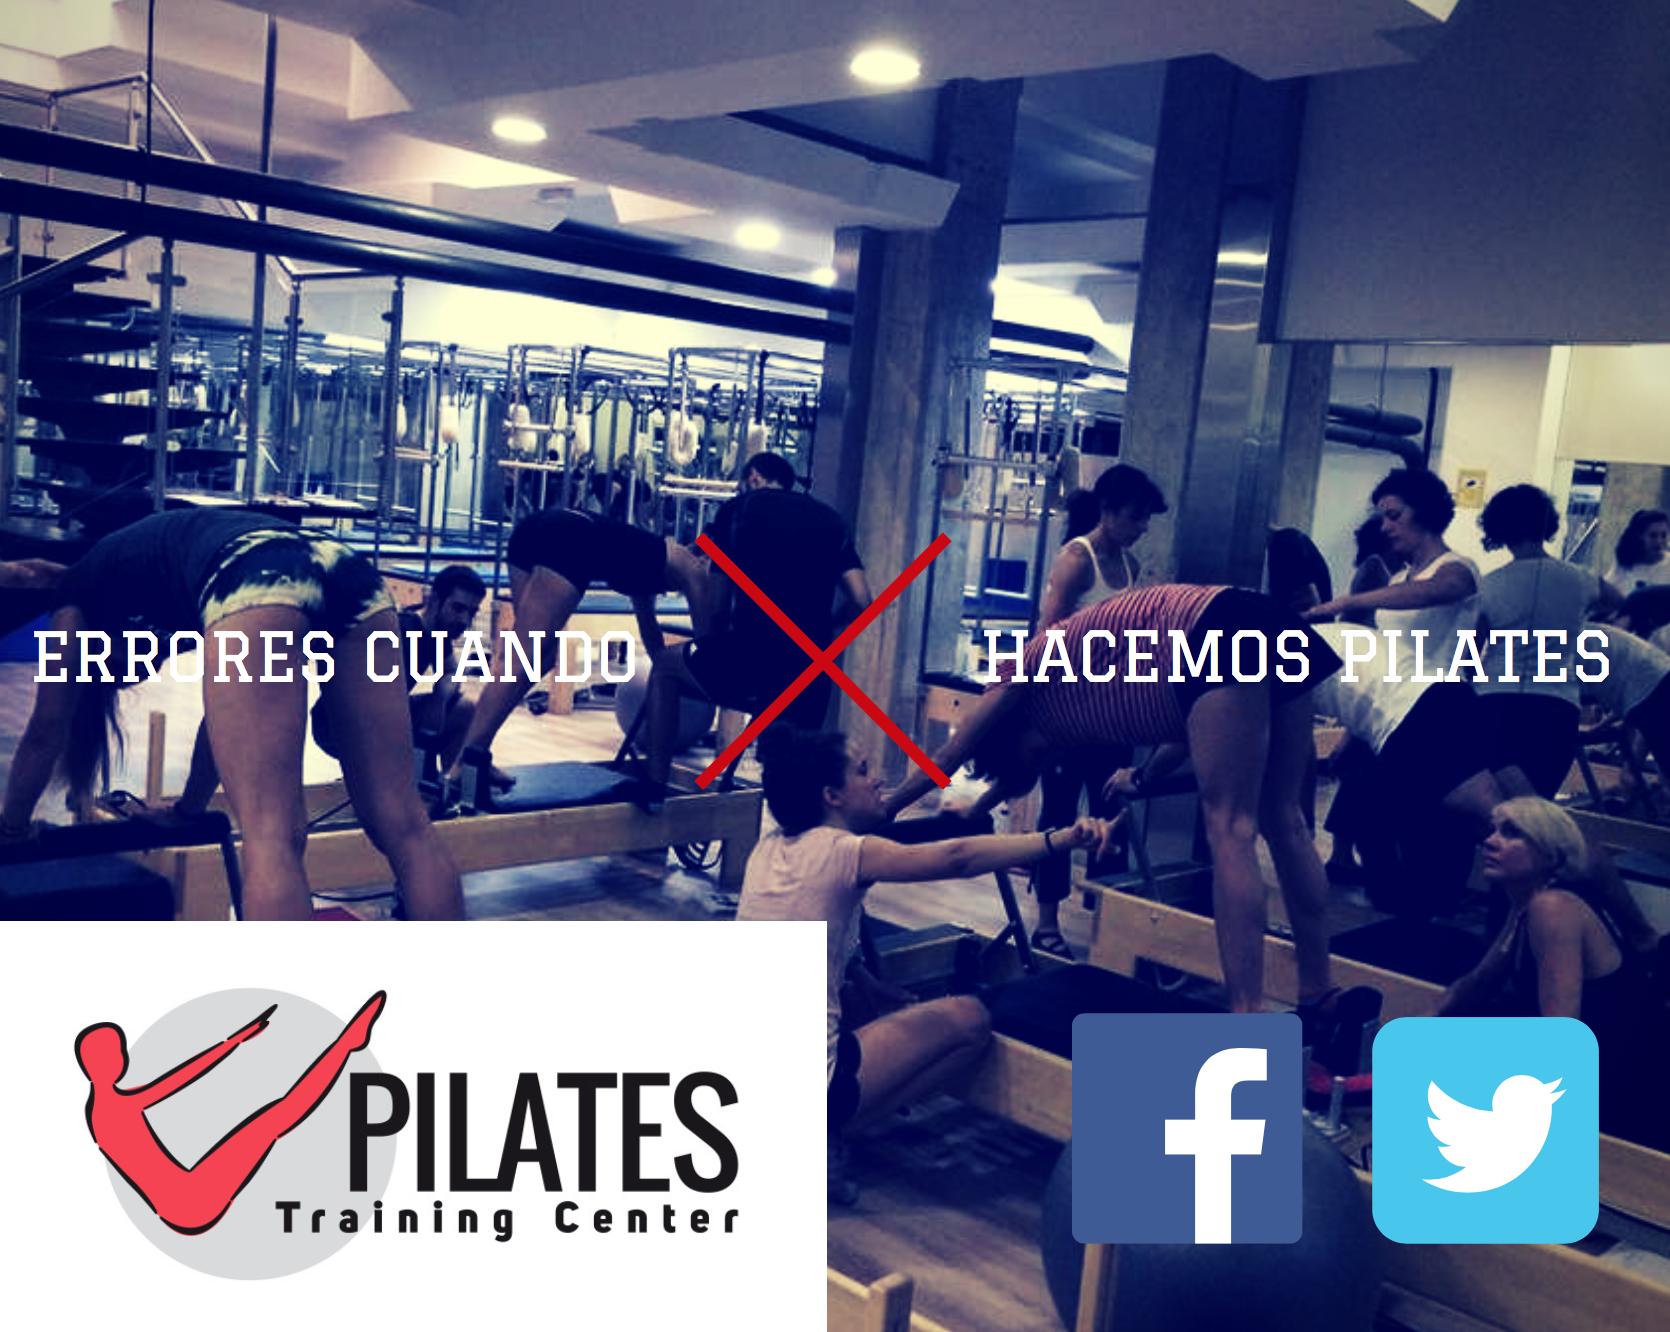 El método Pilates debe de ser impartido por verdaderos profesionales. De otro modo, podemos cometer errores en su práctica que afecten a nuestra salud y puedan derivar en futuras lesiones.